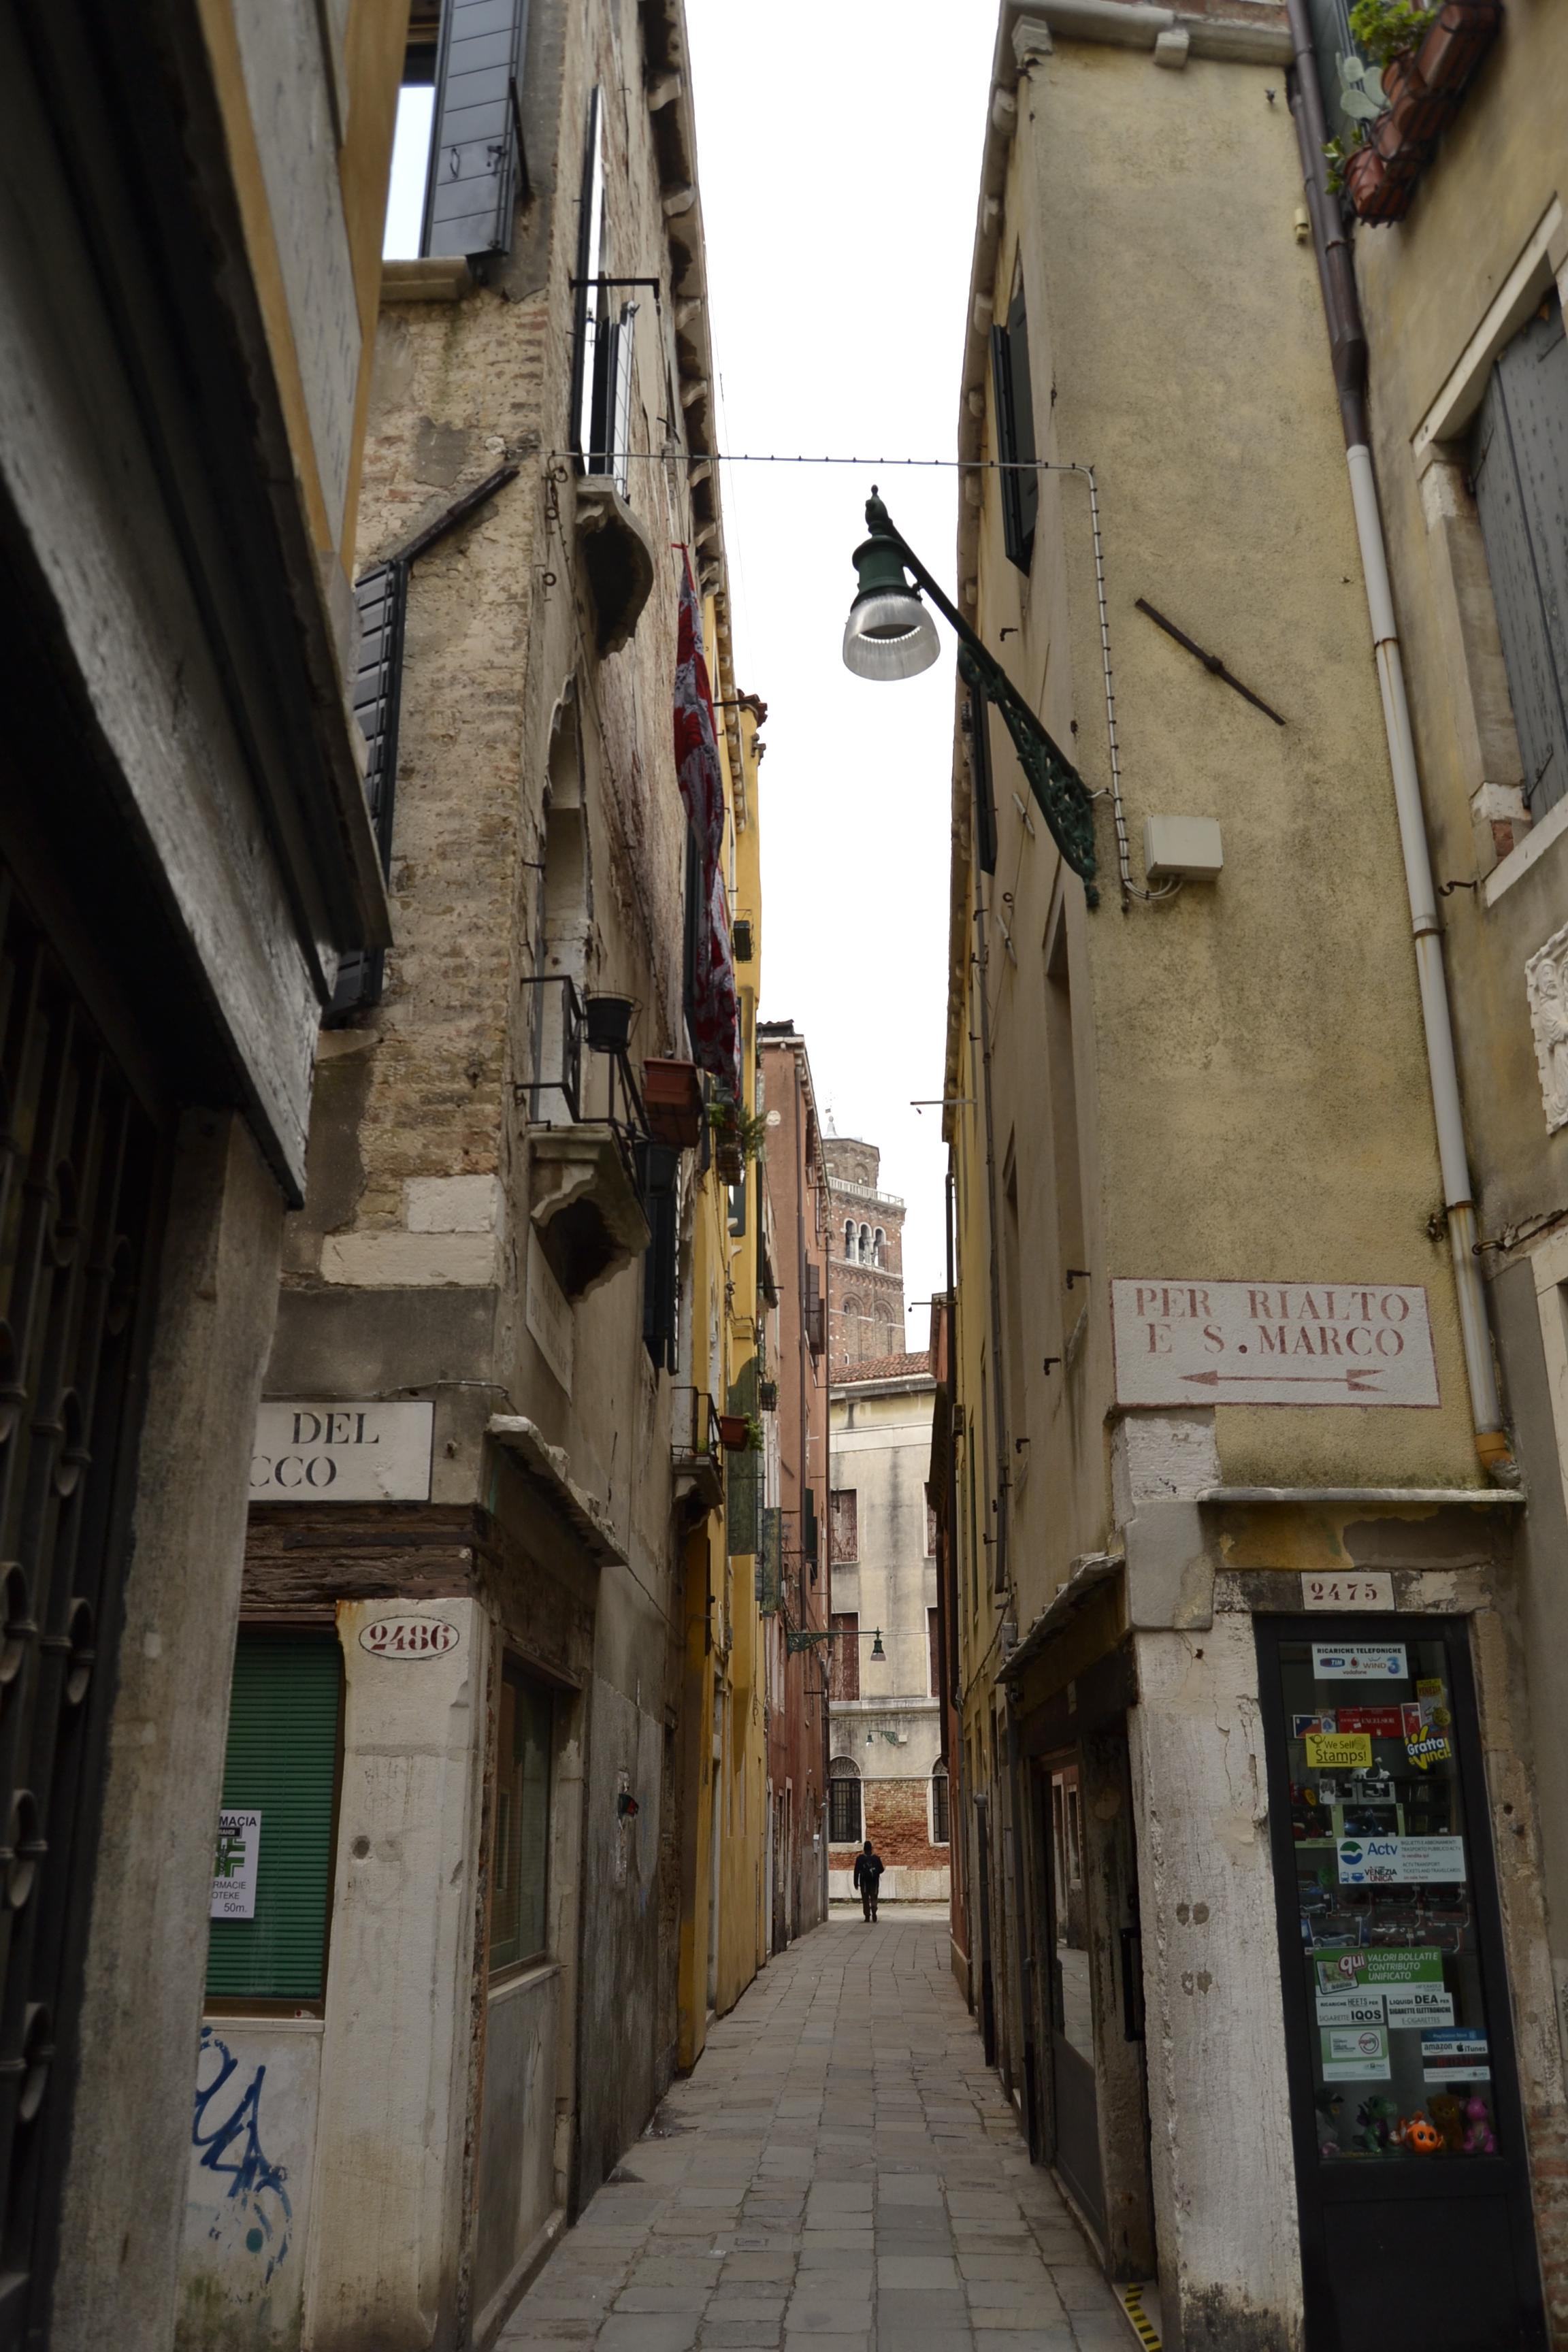 Paseando por las calles de Venecia